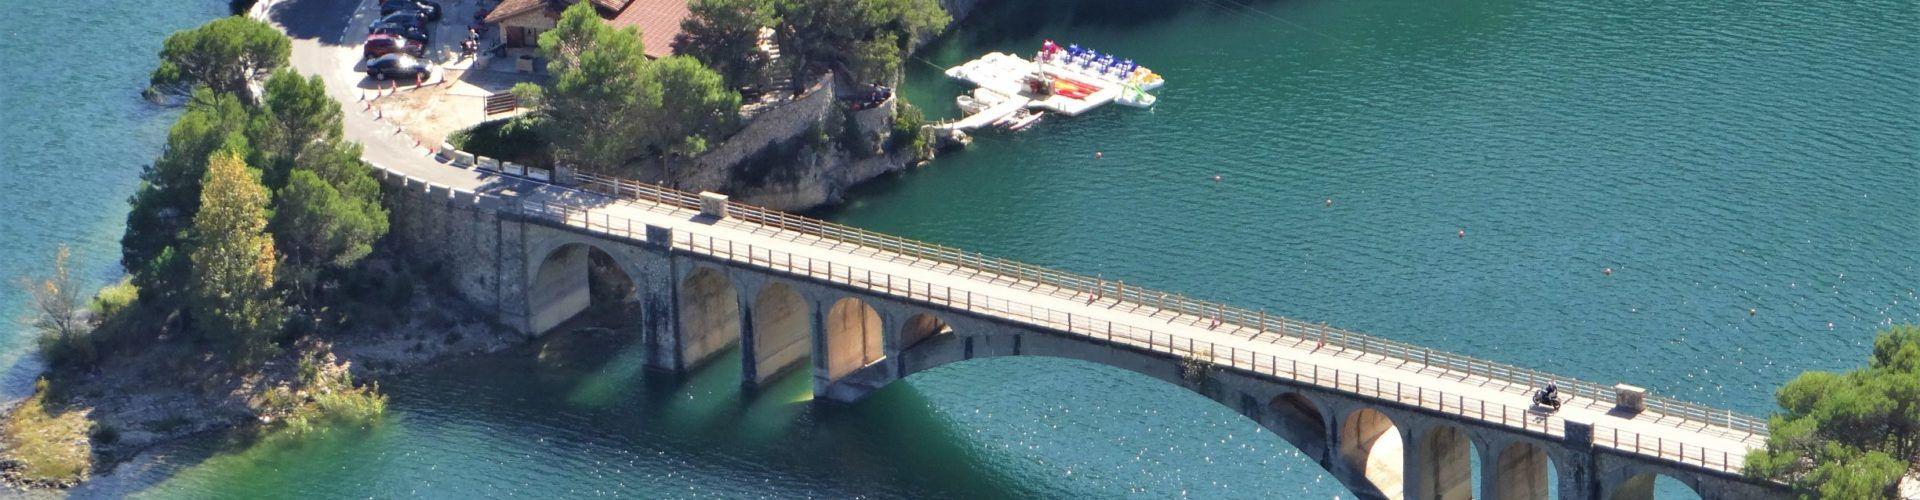 Fotos: embassament d'Ulldecona, Mola Rasa, Cova del Drac